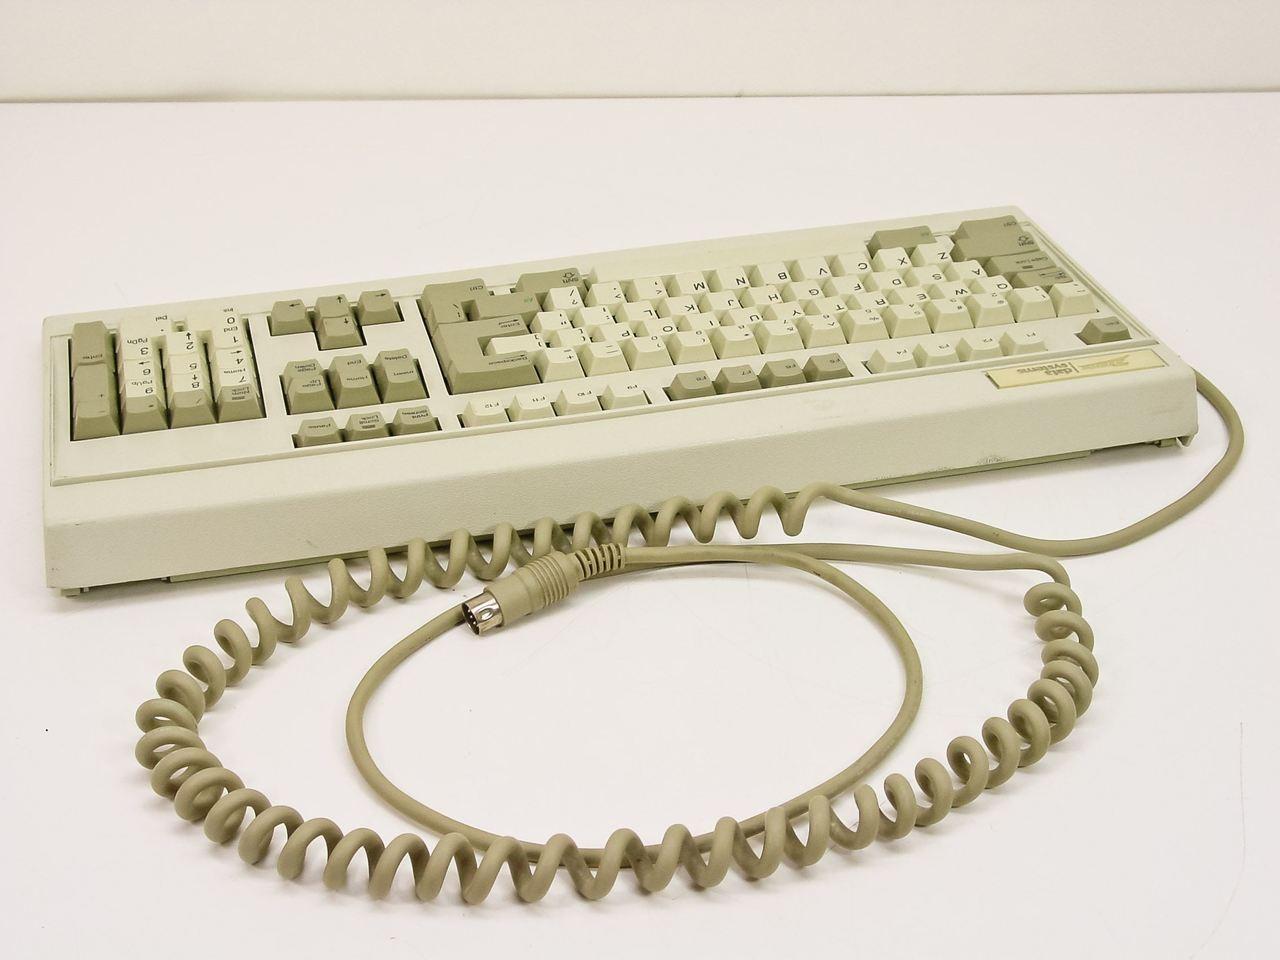 Zenith Data System ZKB-0001 Keyboard 102 Key - Part No  163-56